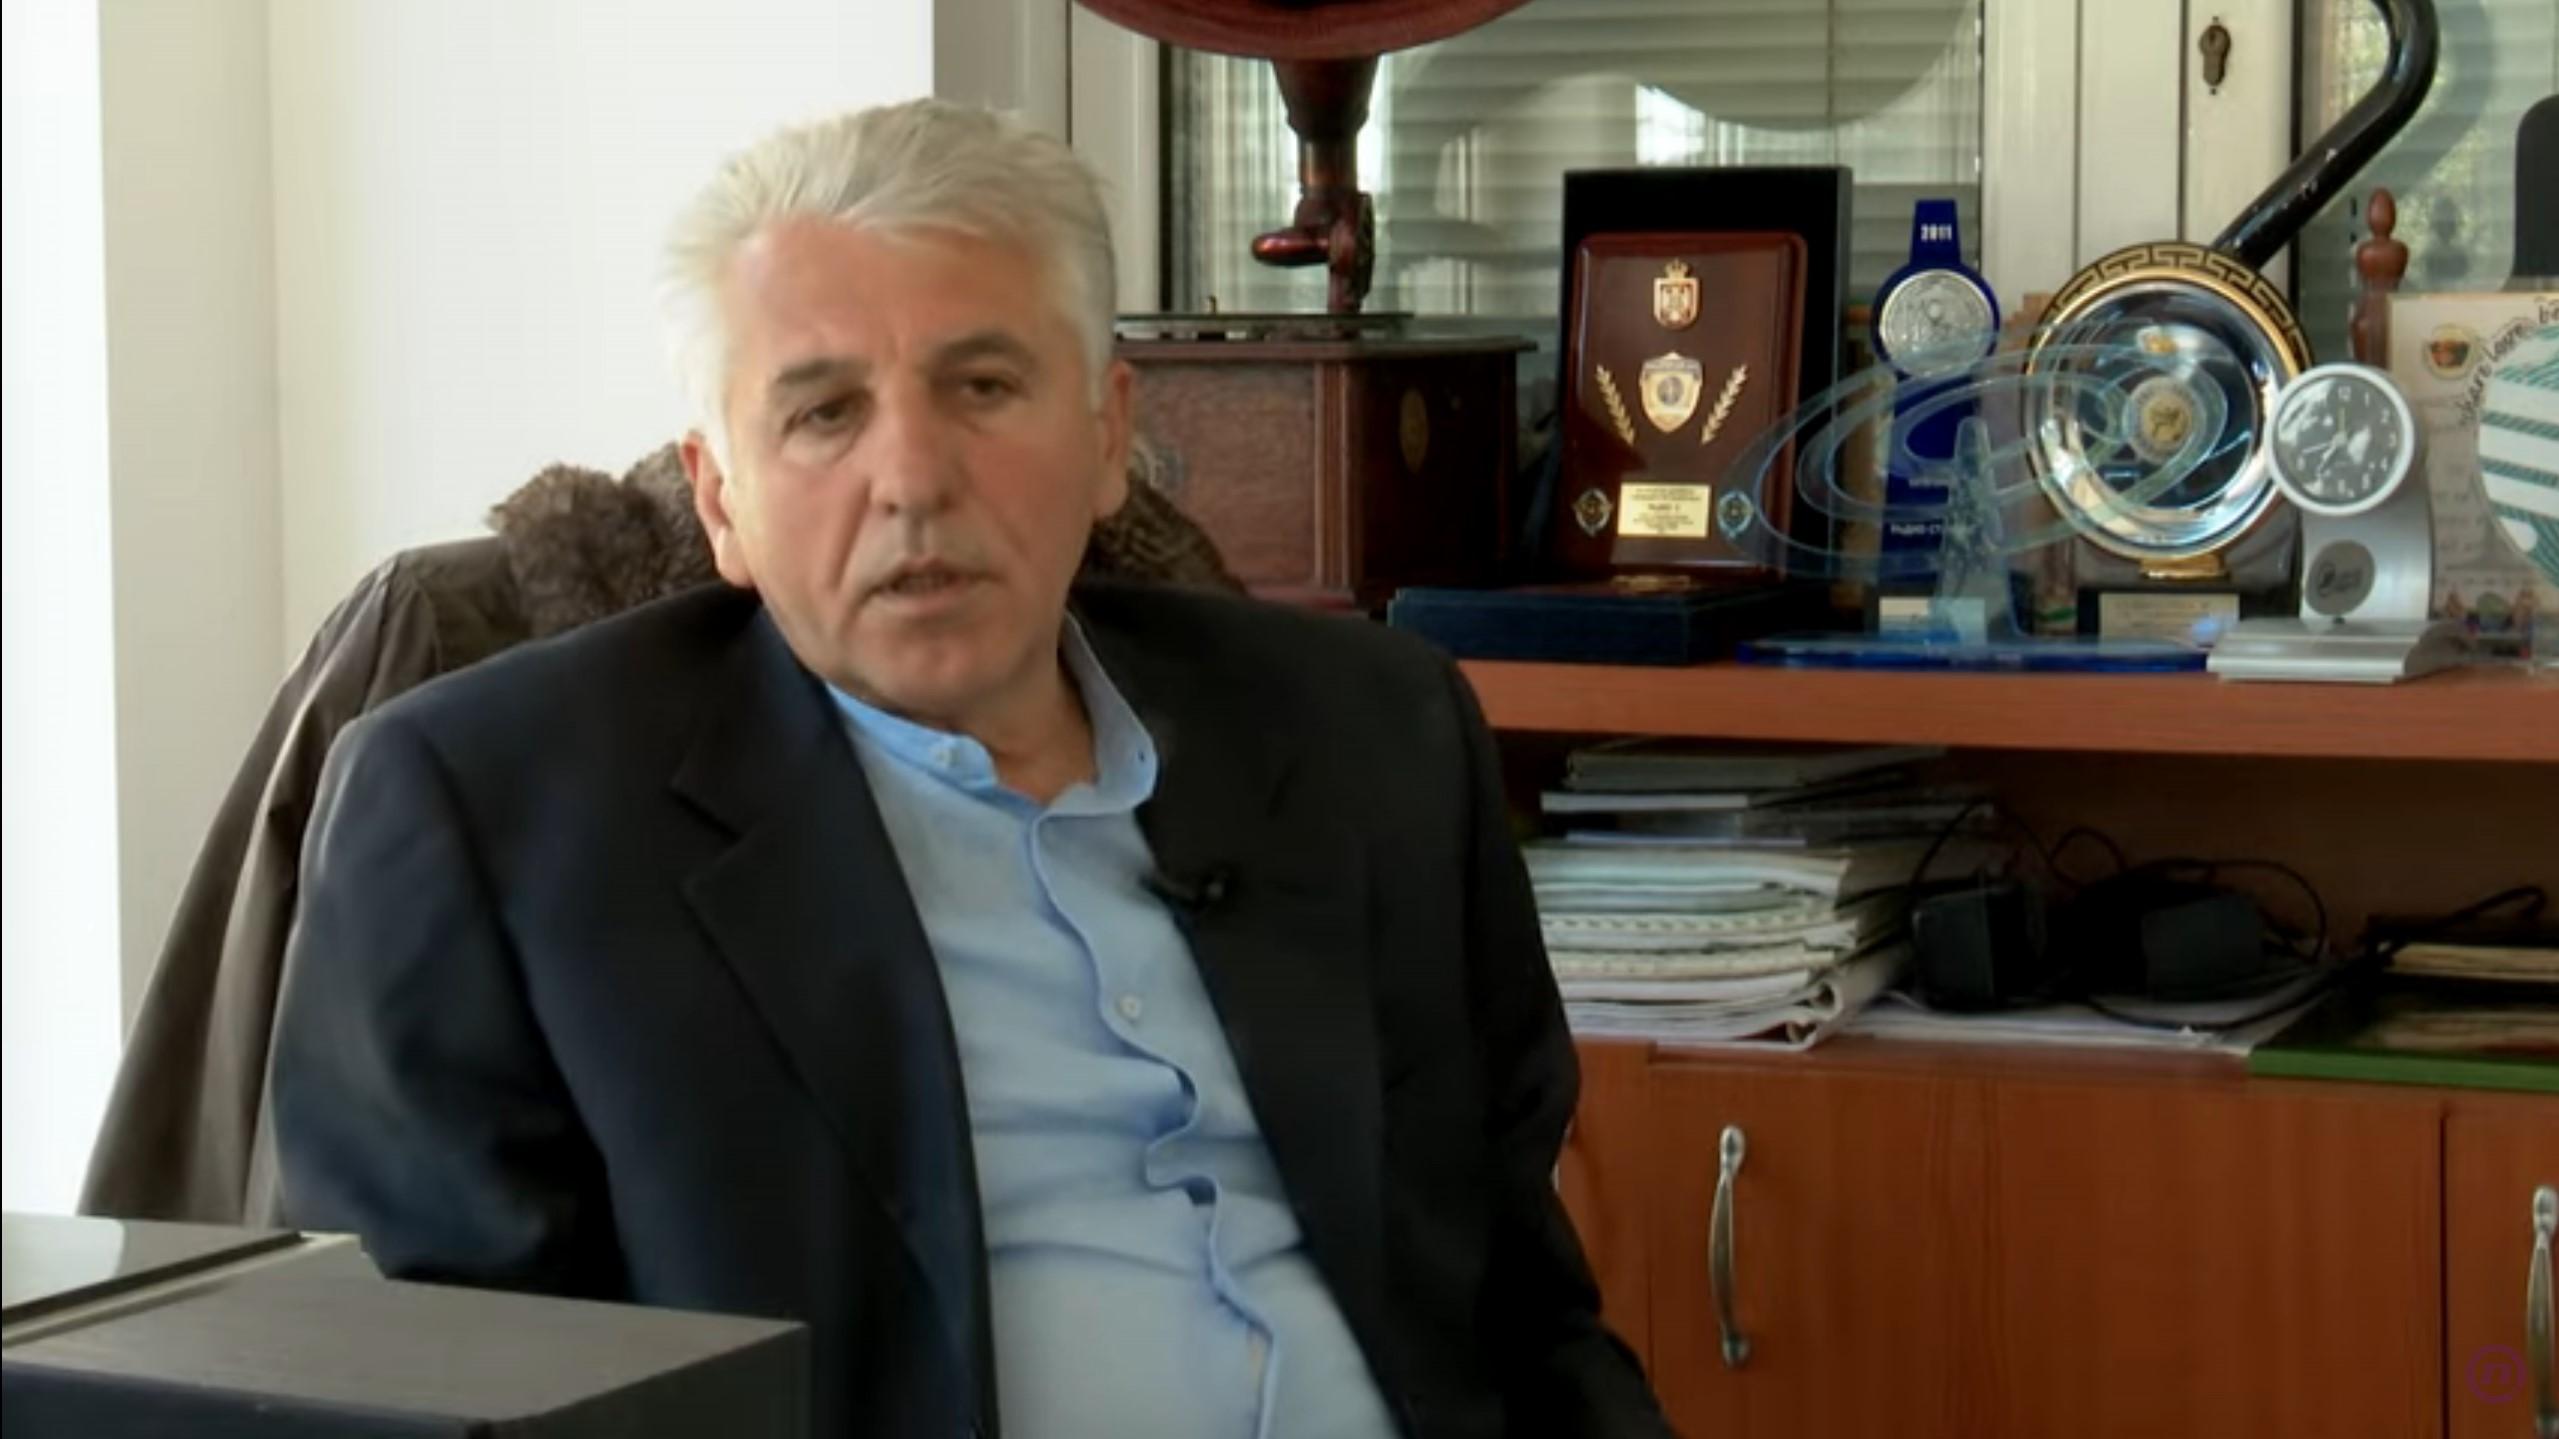 Zoran Baki Anđelković, Zoran Baki Andjelković